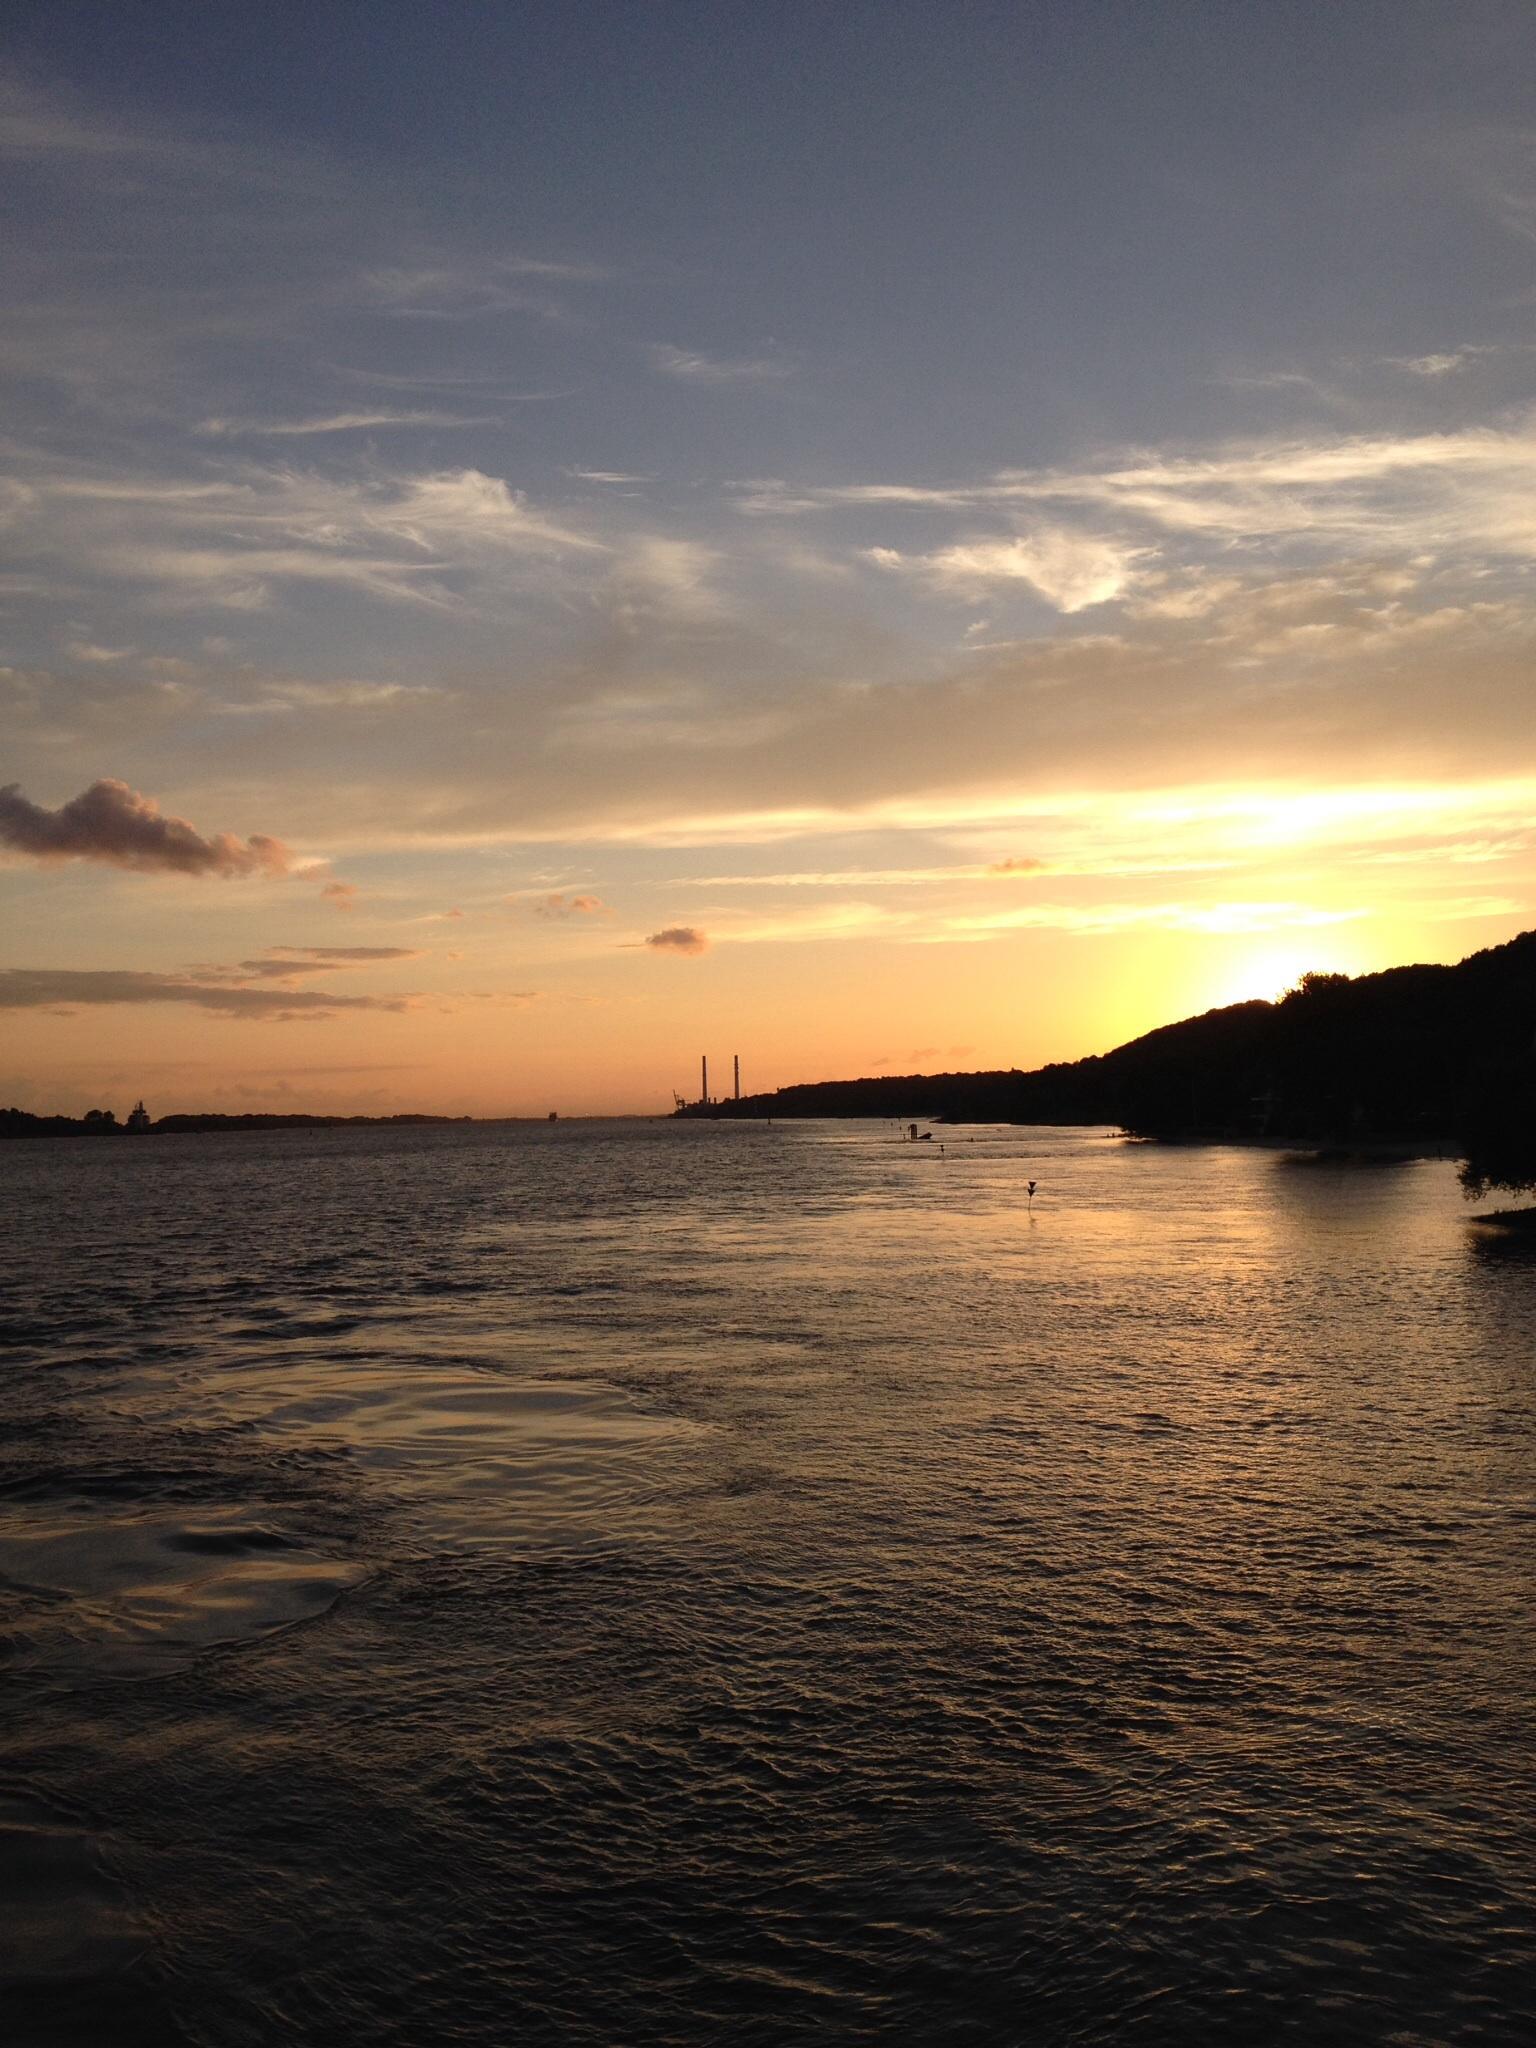 Sonnenuntergang am Falkensteiner Ufer in Hamburg